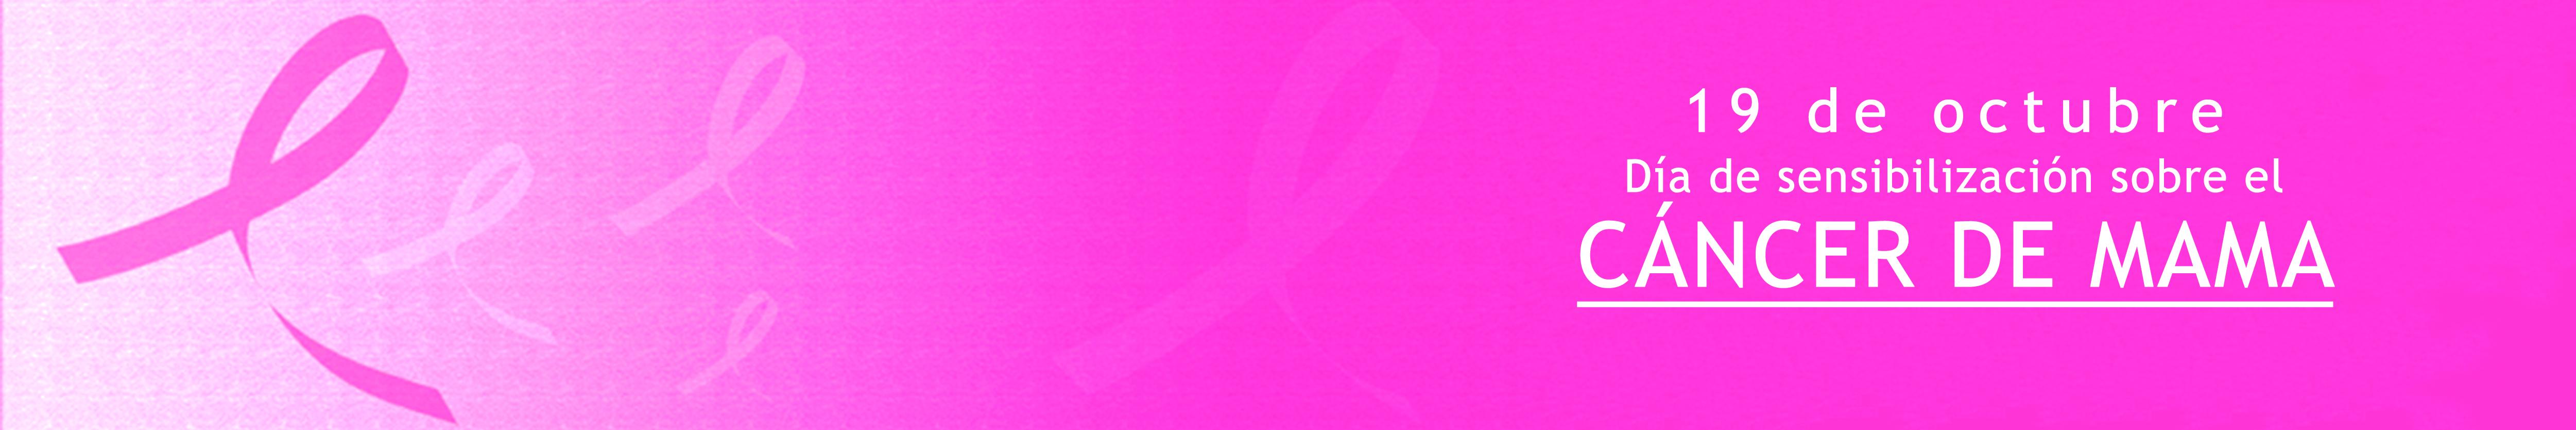 El color rosa se ha adoptado como un símbolo para solidarse con los pacientes de cáncer